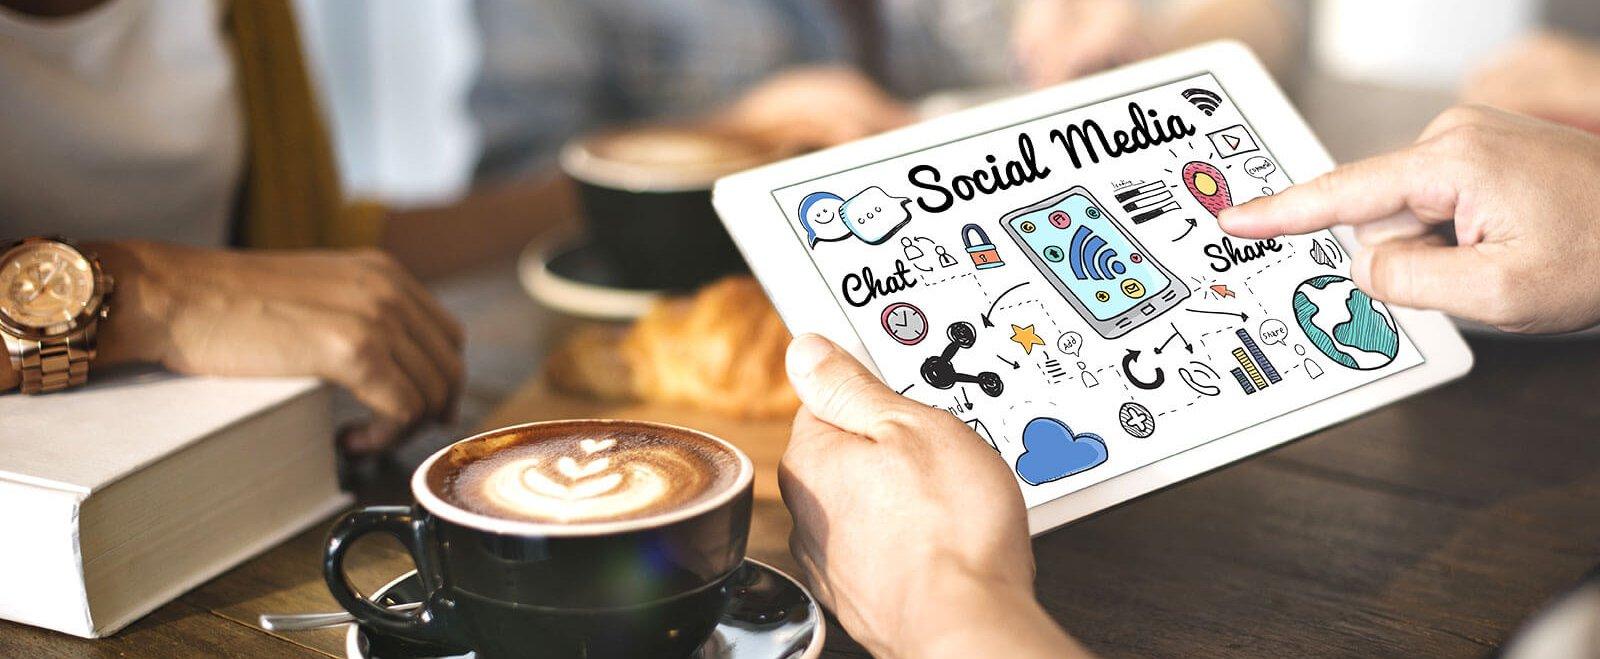 Social Media Marketing für Kleinunternehmen - sinnvoll oder nicht?